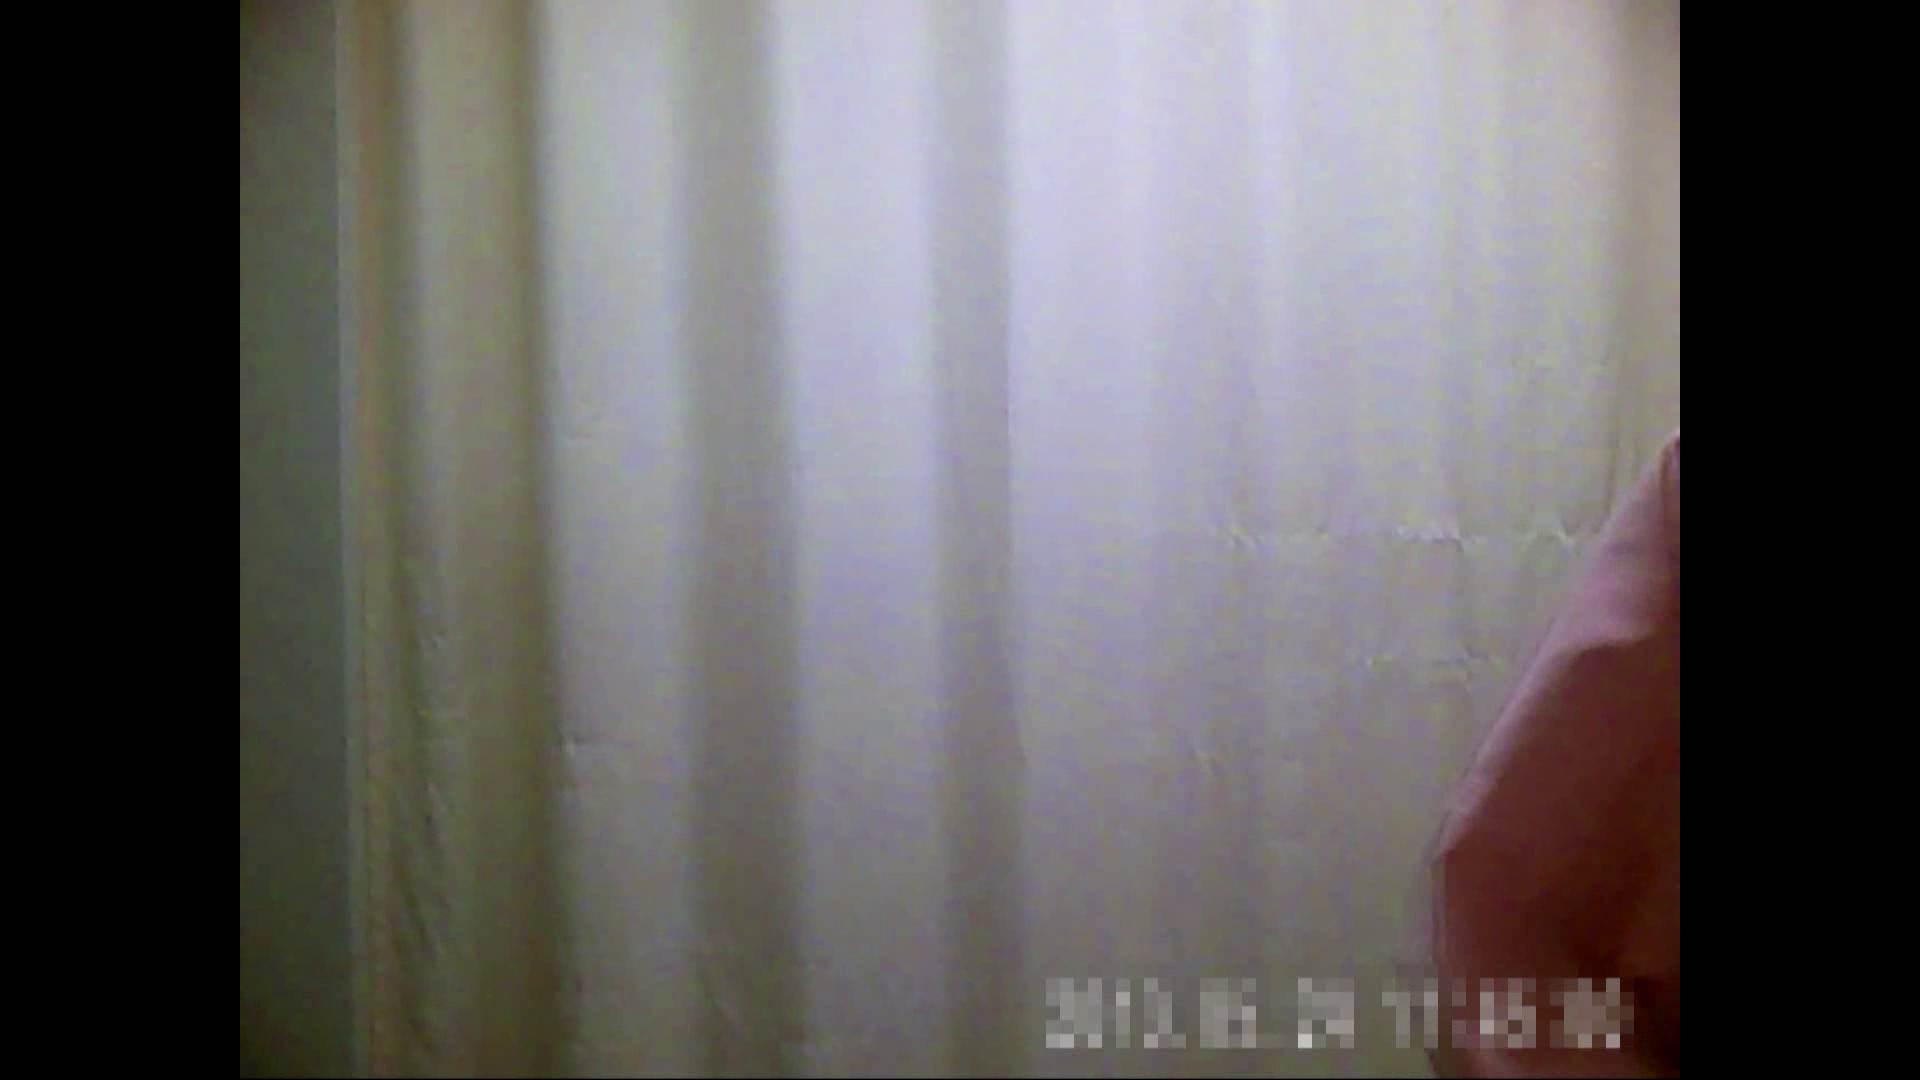 元医者による反抗 更衣室地獄絵巻 vol.043 OL | 0  43連発 4